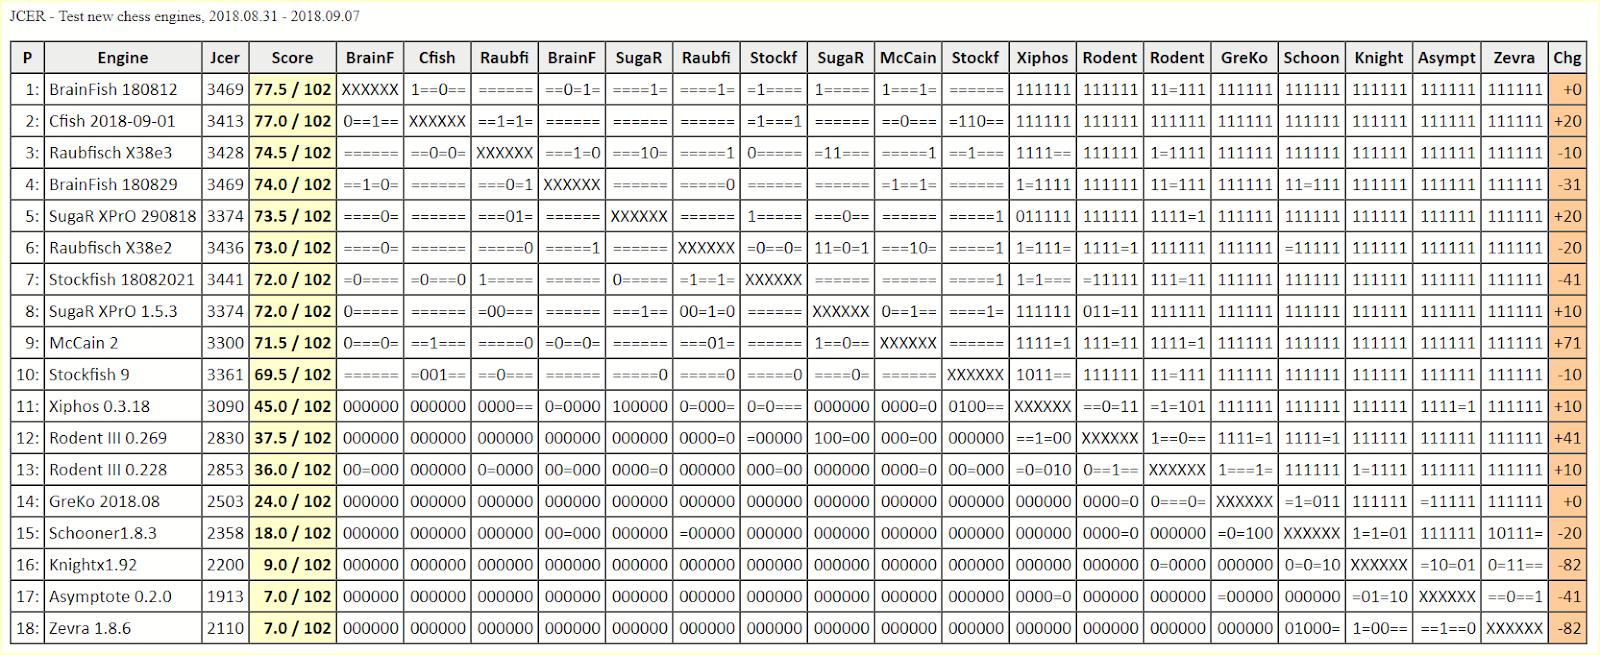 Chess Engines Diary: BrainFish 180812 wins JCER - Test new